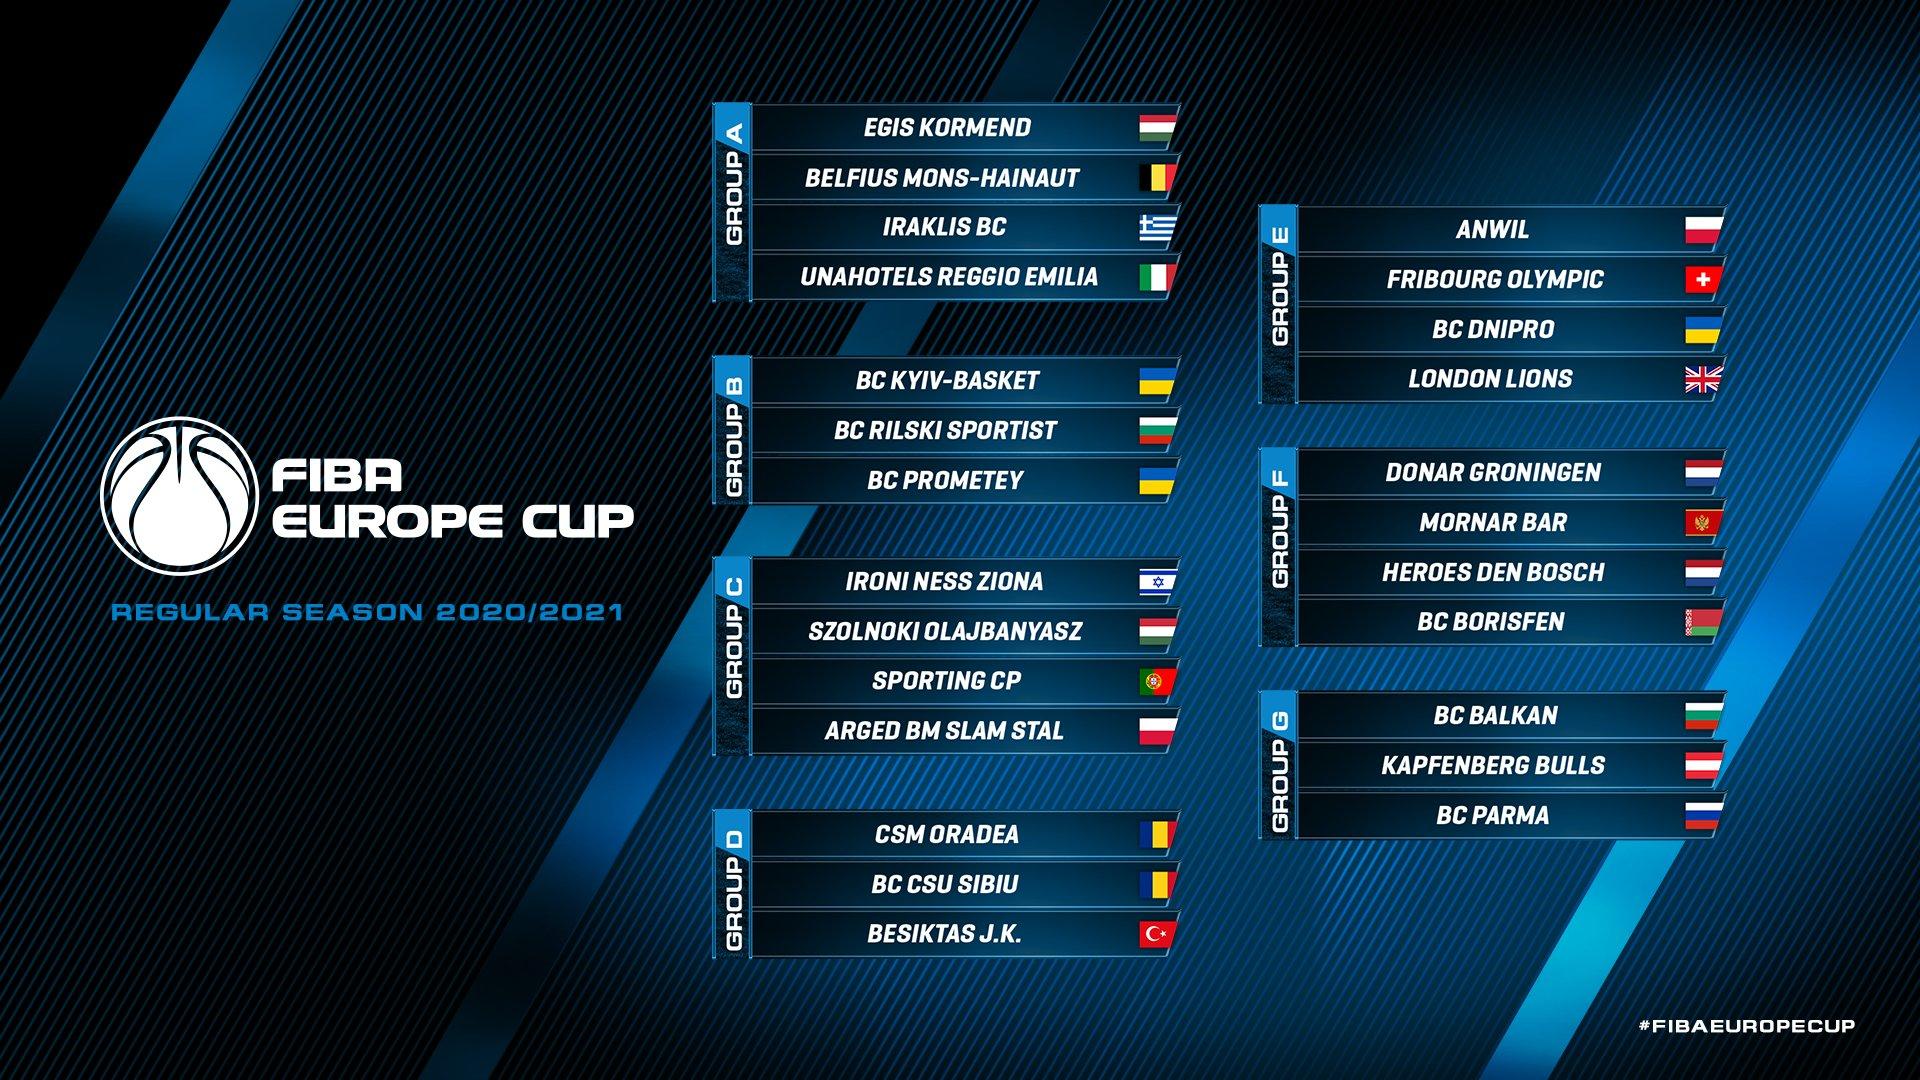 Kialakult a FIBA Europe Cup teljes mezőnye